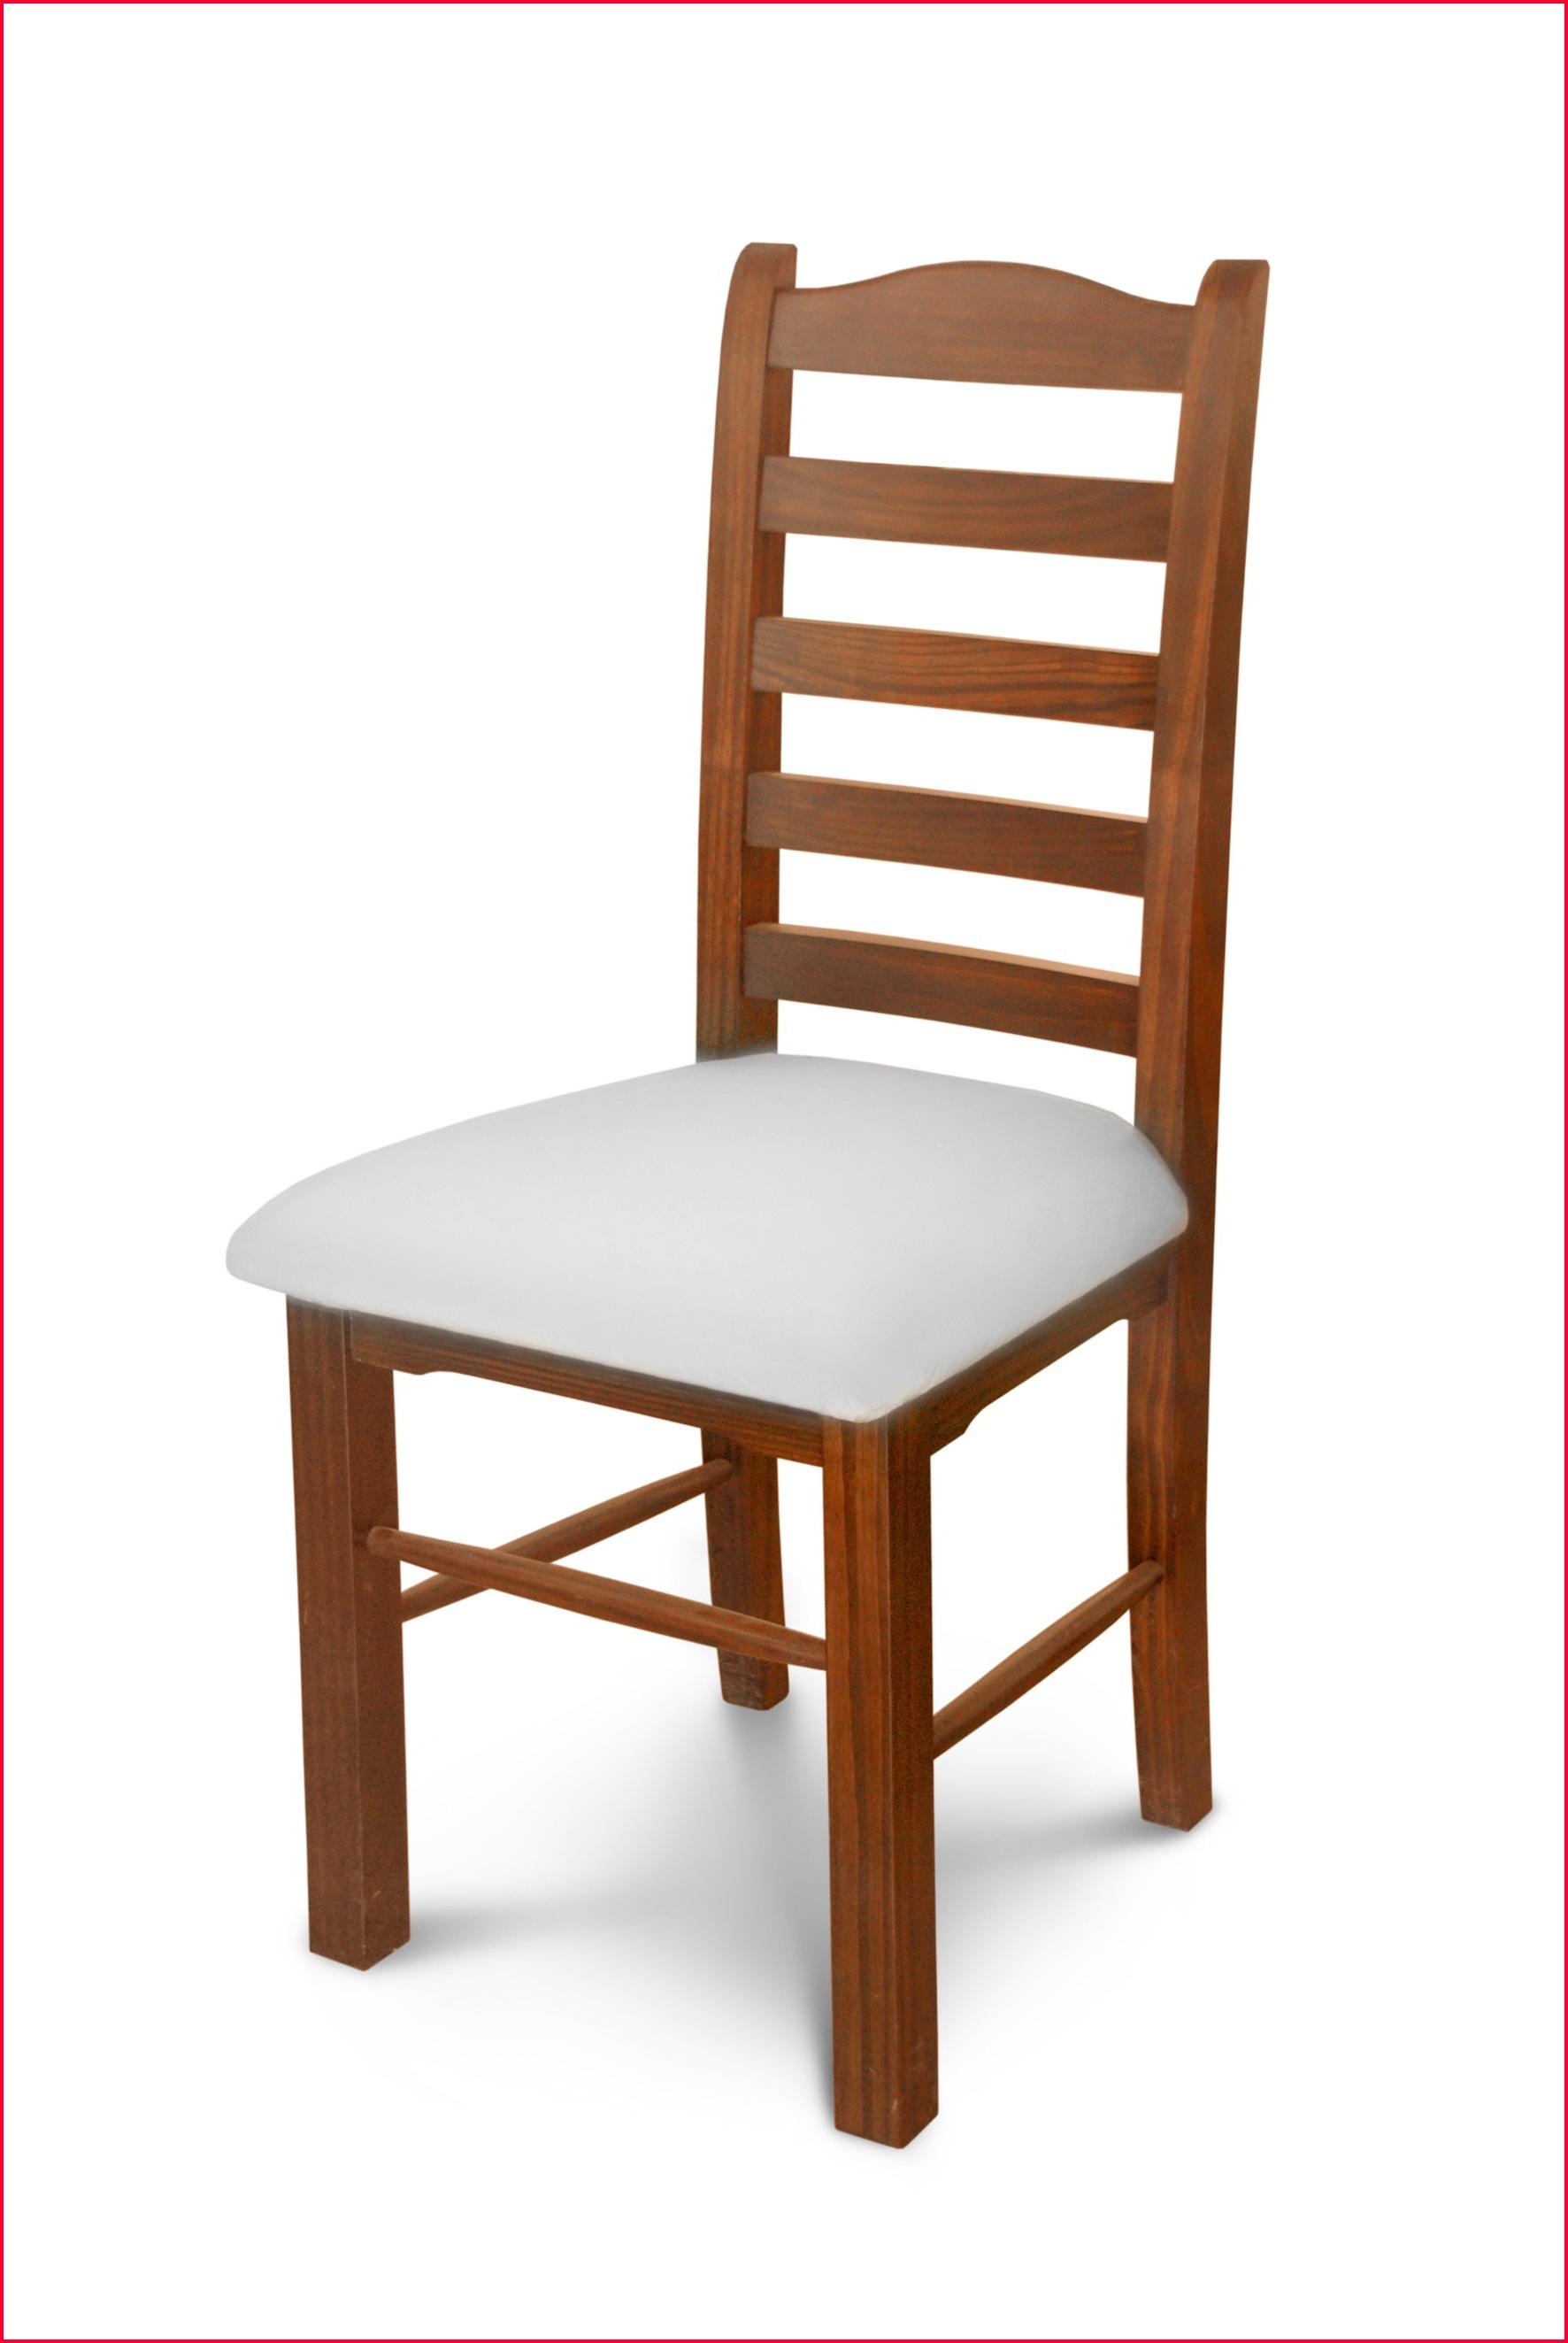 Tapizar Sillas Precio Tldn Tapizar Sillas Precio Sillas Con asiento Tapizado Muebles 365